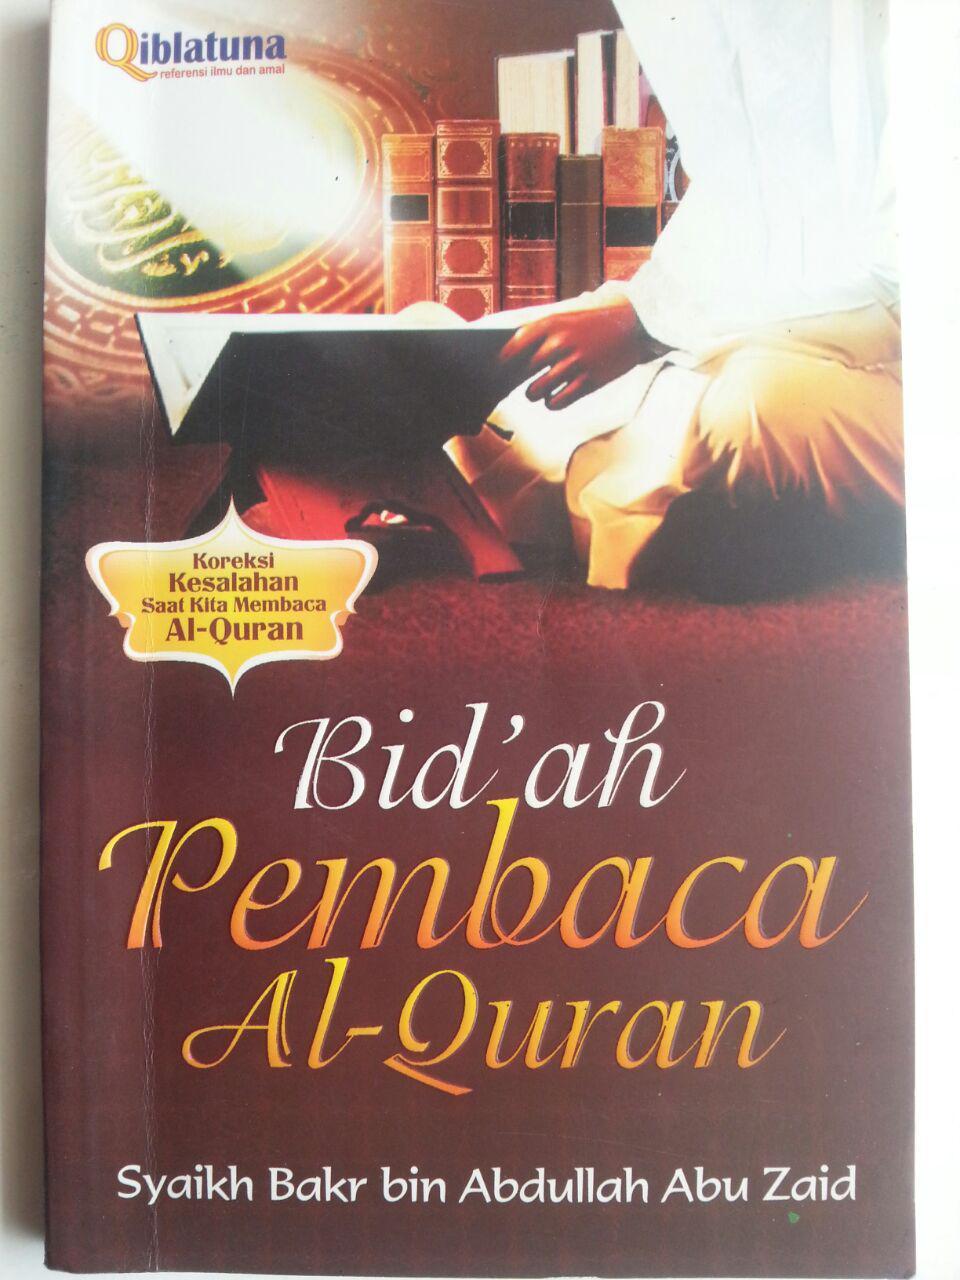 Buku Bidah Pembaca Al-Qur'an Koreksi Kesalahan Membaca Qur'an cover 2